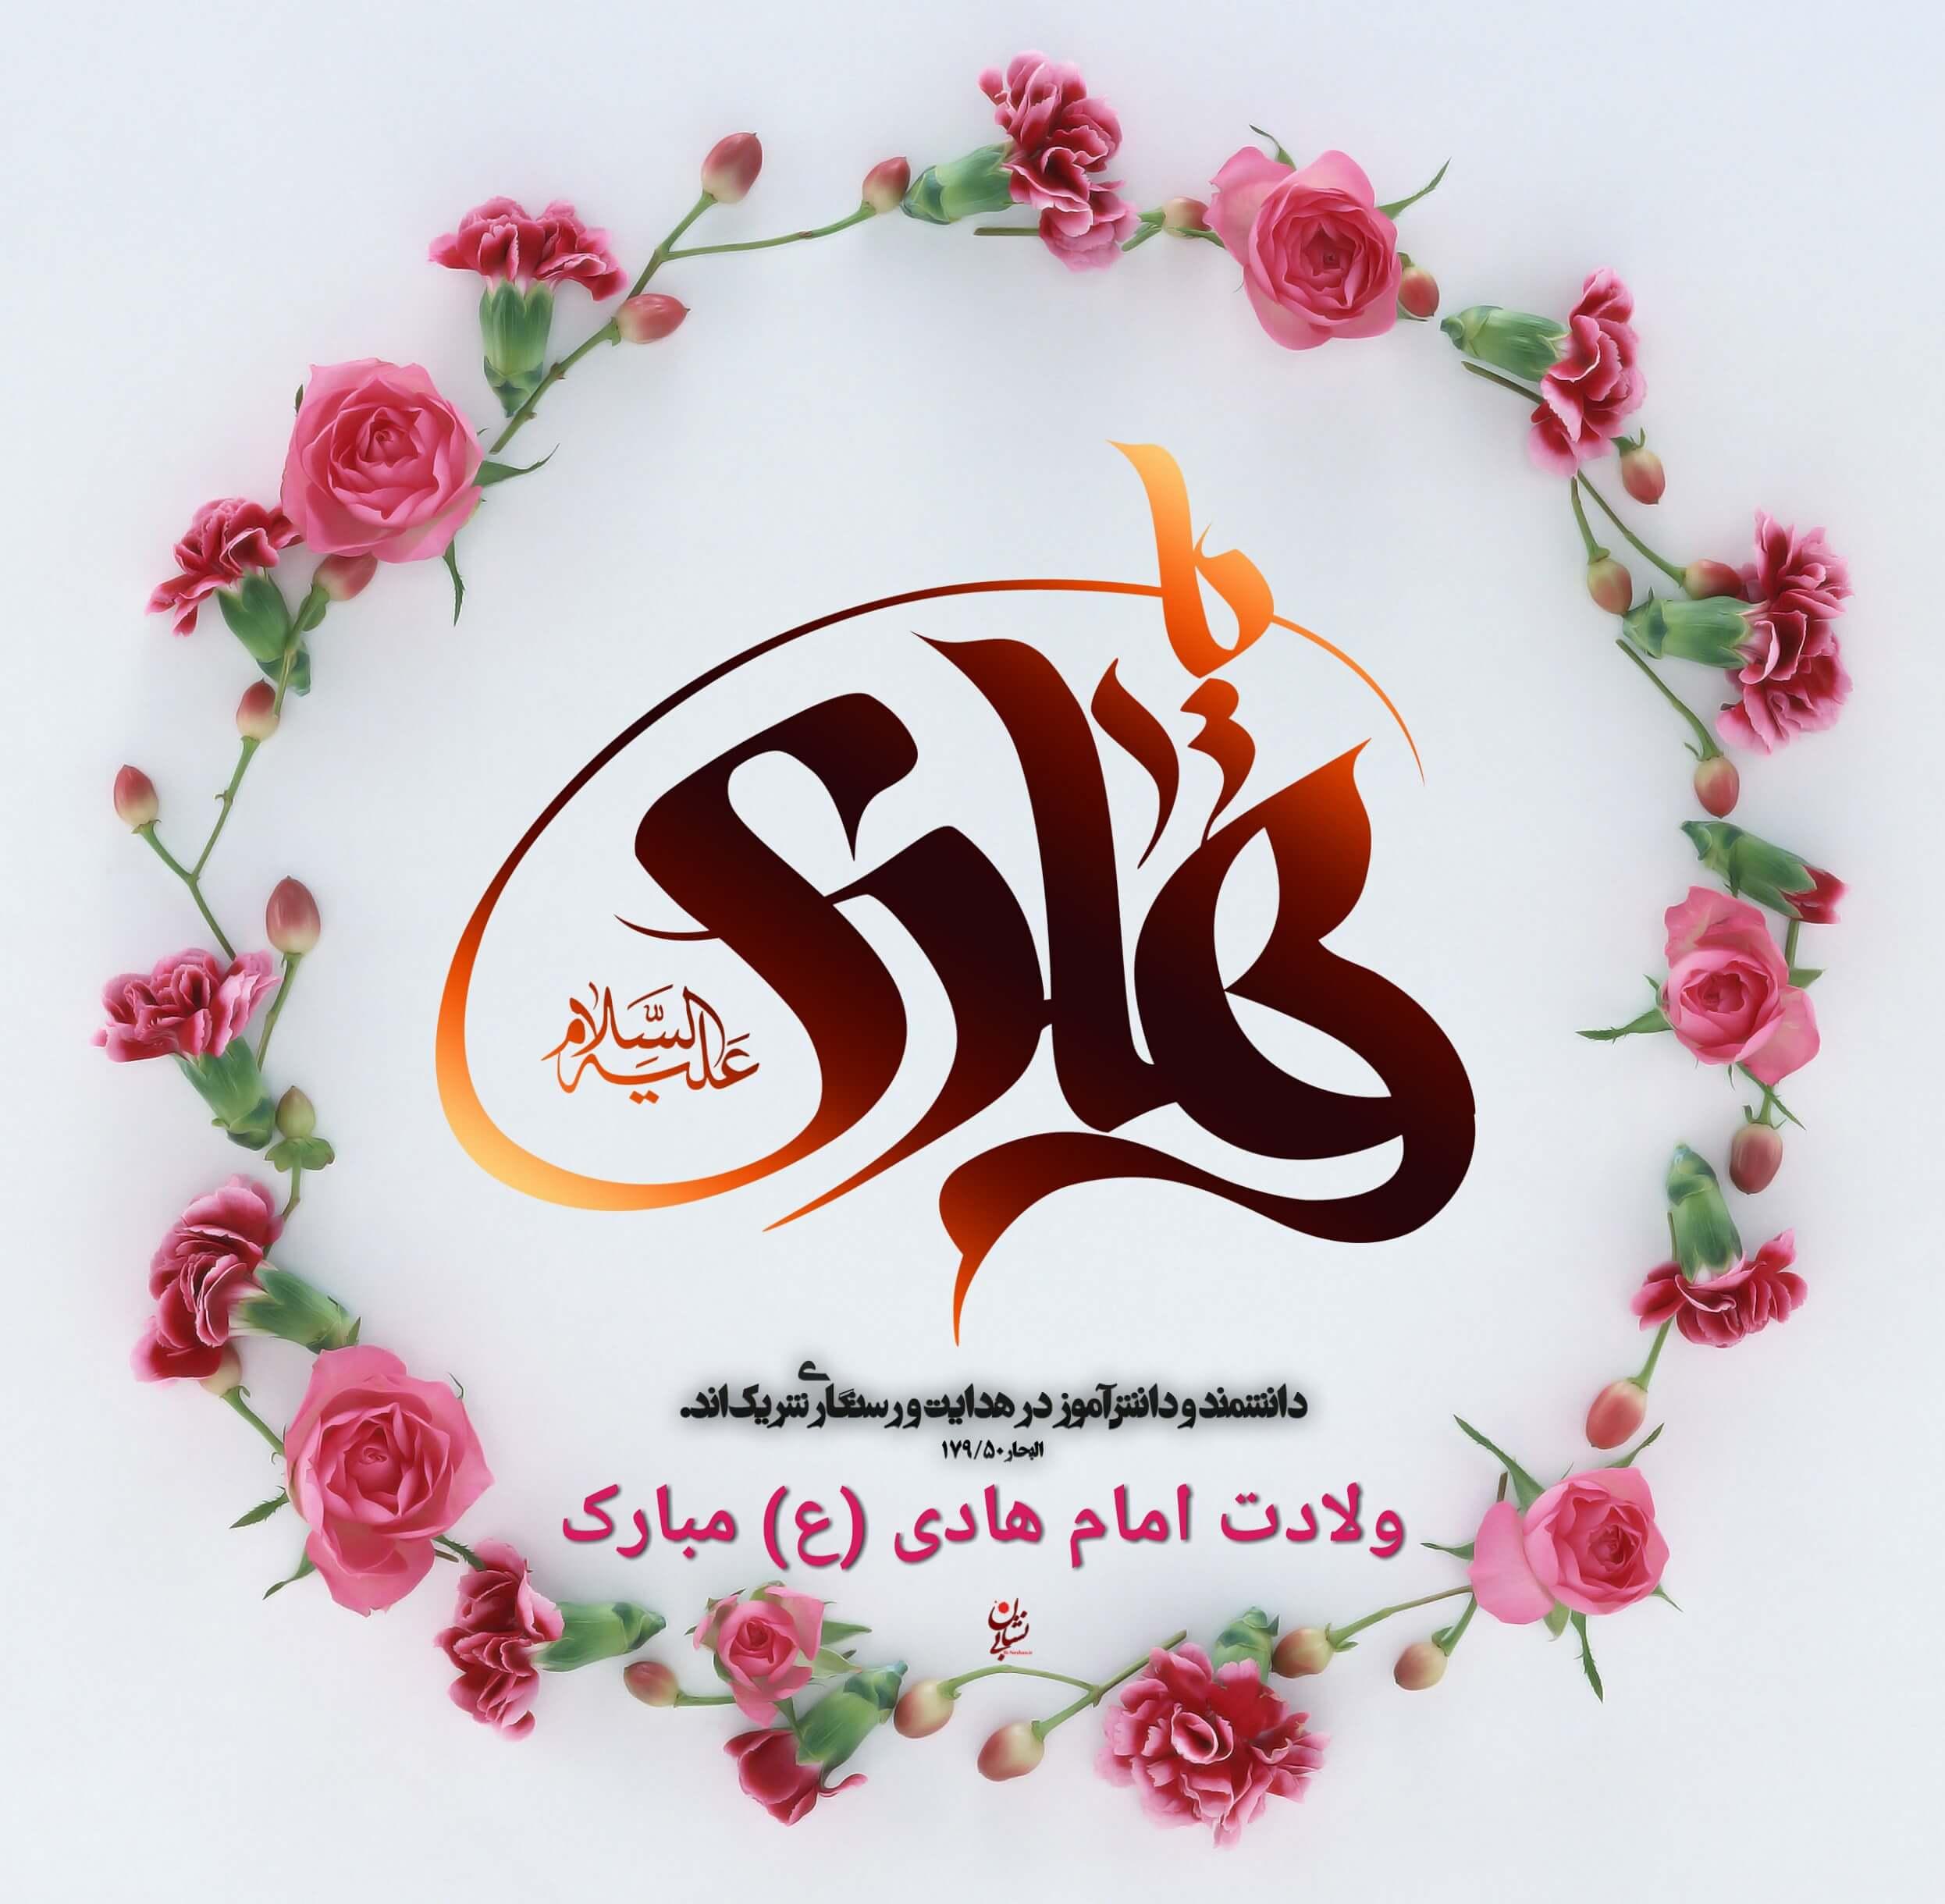 عکس متحرک ولادت امام هادی (ع) مبارک